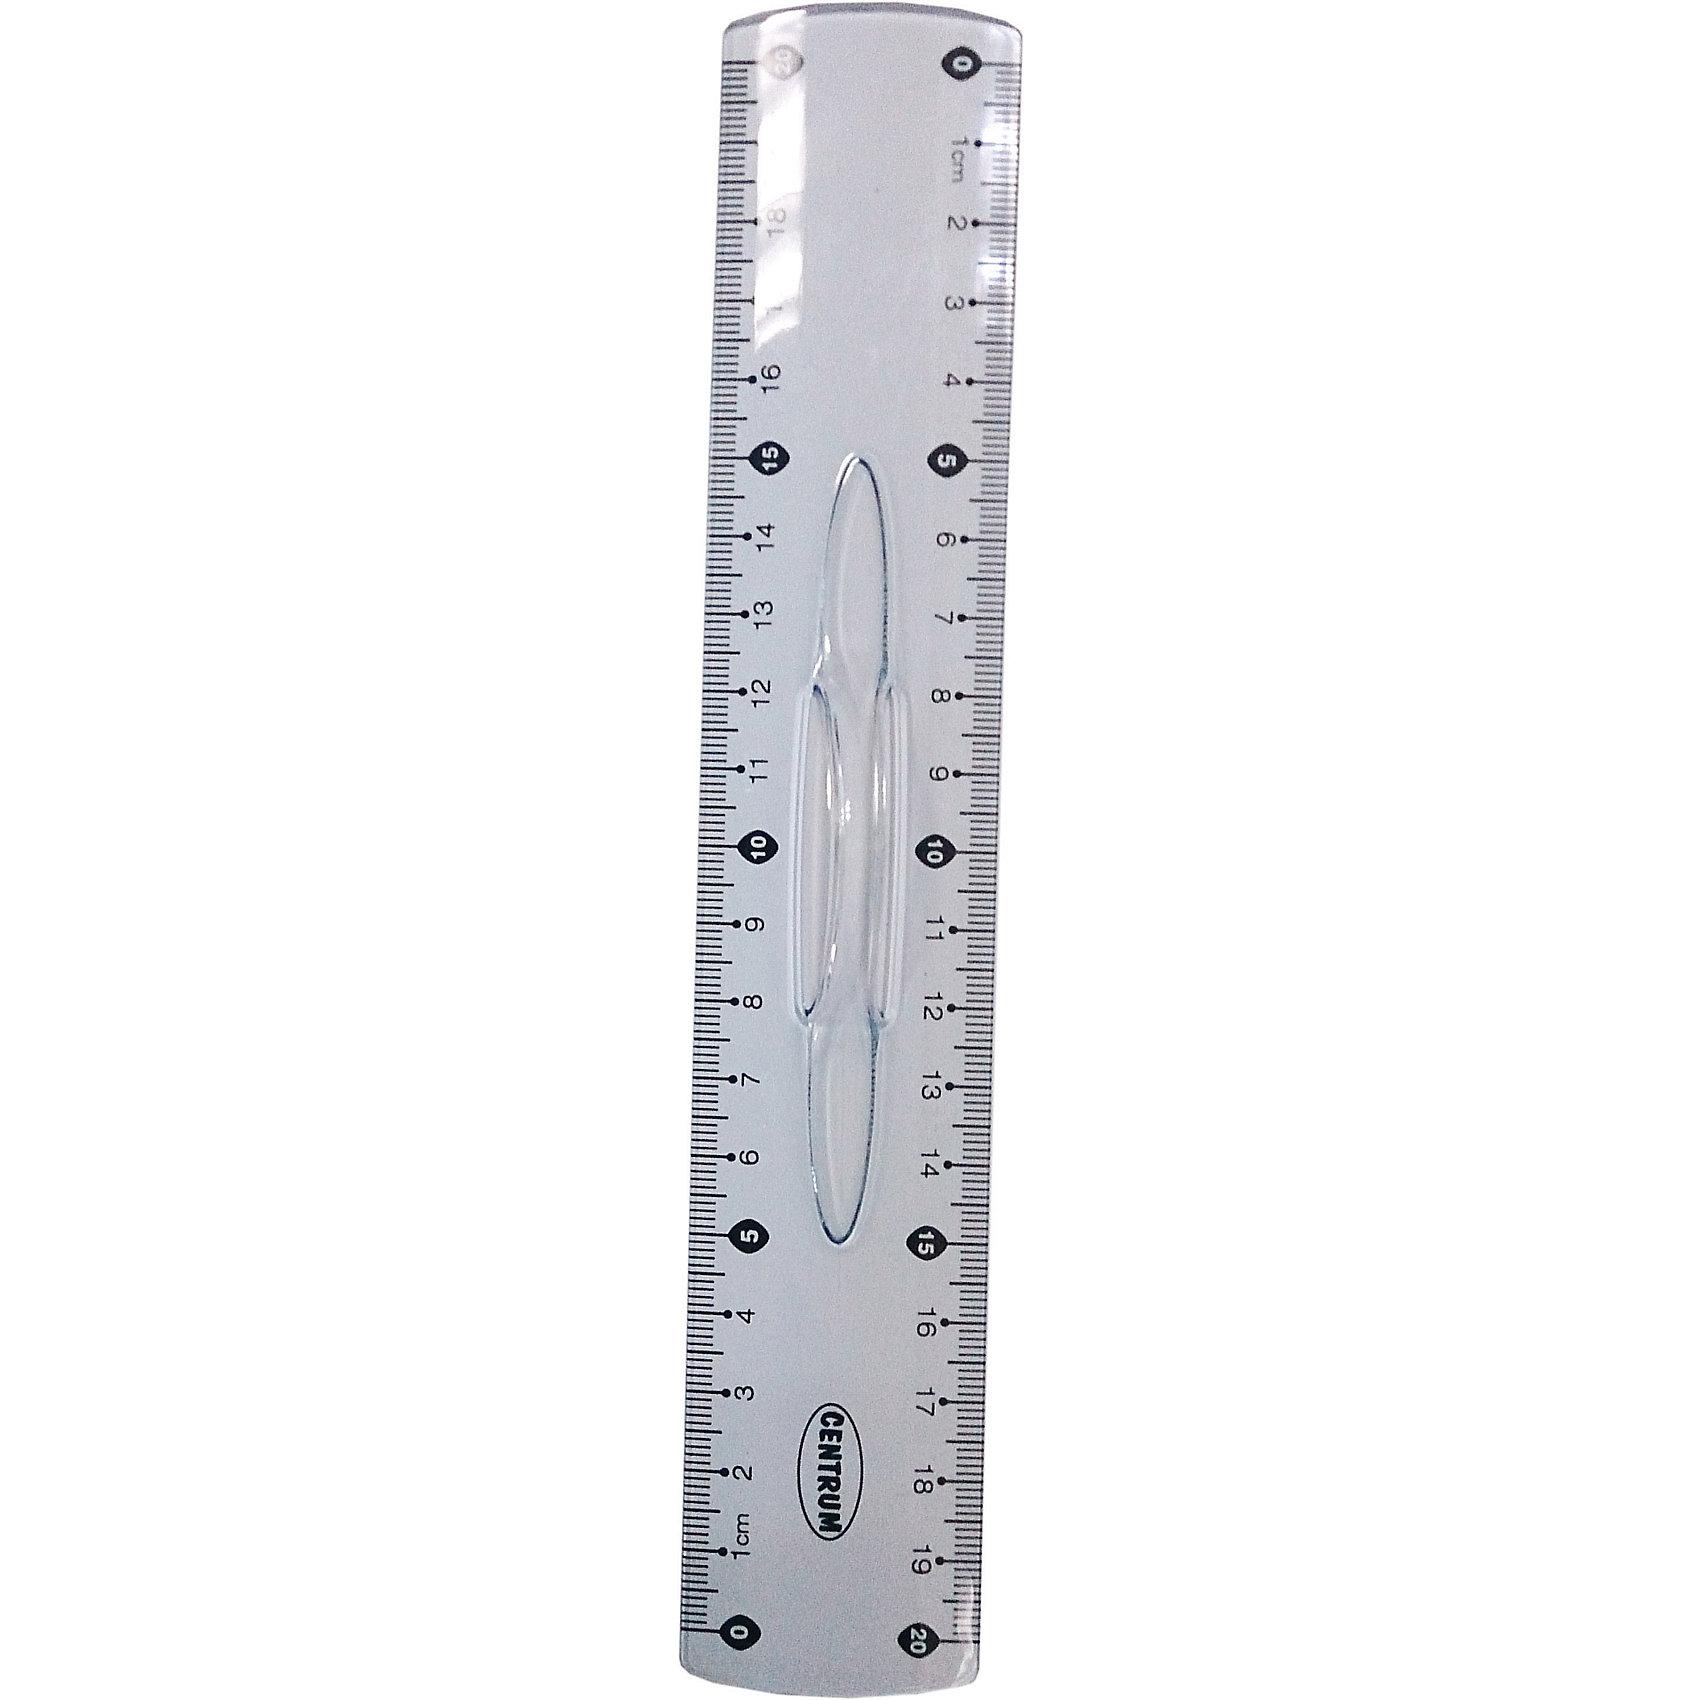 Centrum Линейка 20 см, пластиковая с держателемЛинейки<br>Линейка 20 см, пластиковая с держателем<br><br>Ширина мм: 15<br>Глубина мм: 40<br>Высота мм: 270<br>Вес г: 24<br>Возраст от месяцев: 72<br>Возраст до месяцев: 2147483647<br>Пол: Унисекс<br>Возраст: Детский<br>SKU: 6846741